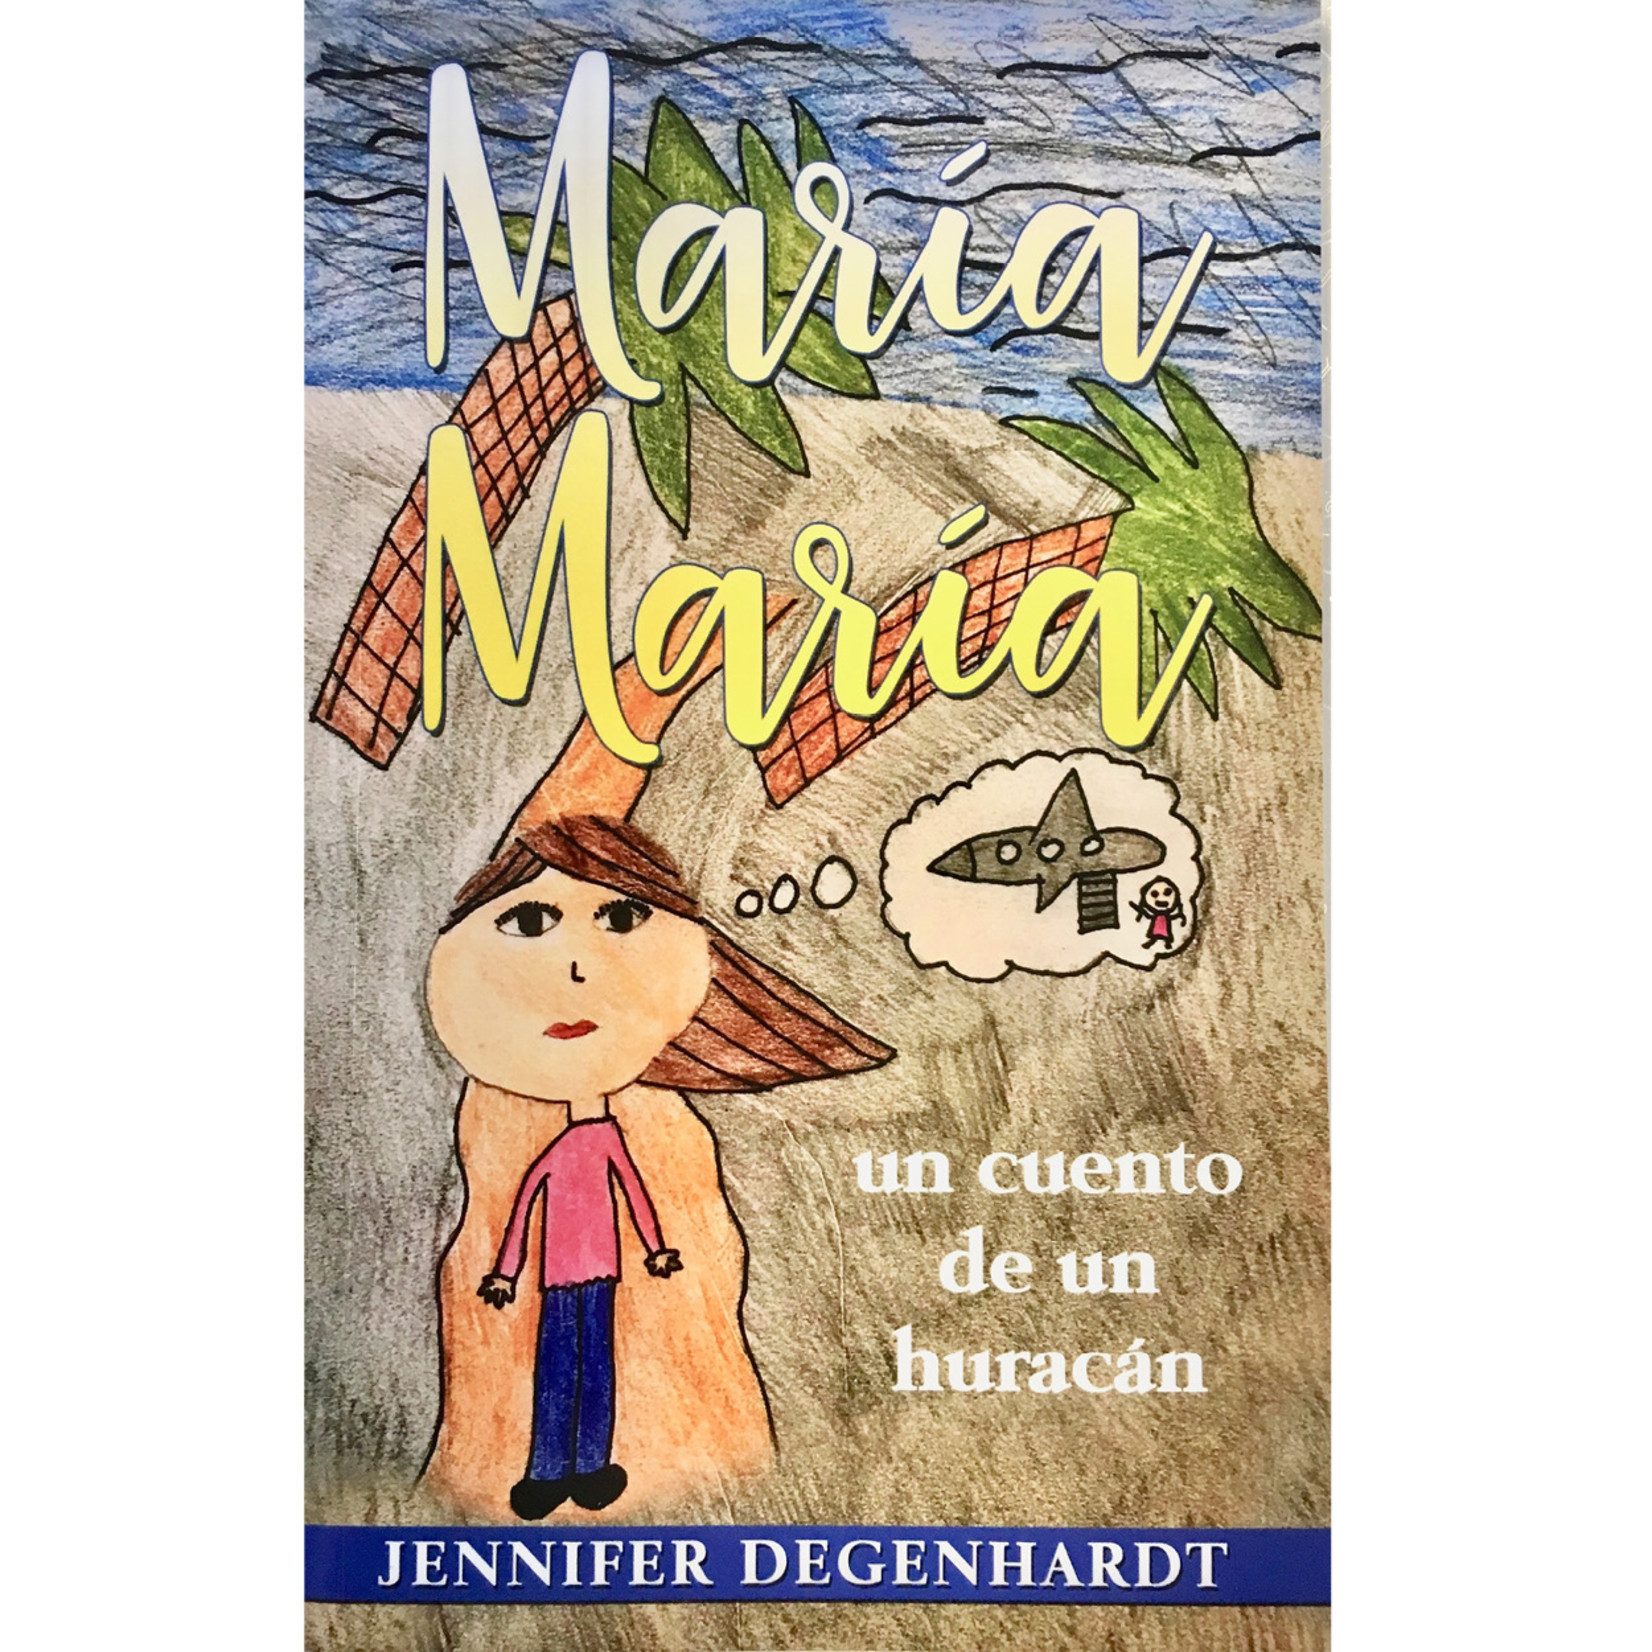 Jennifer Degenhardt María María - un cuento de un huracán